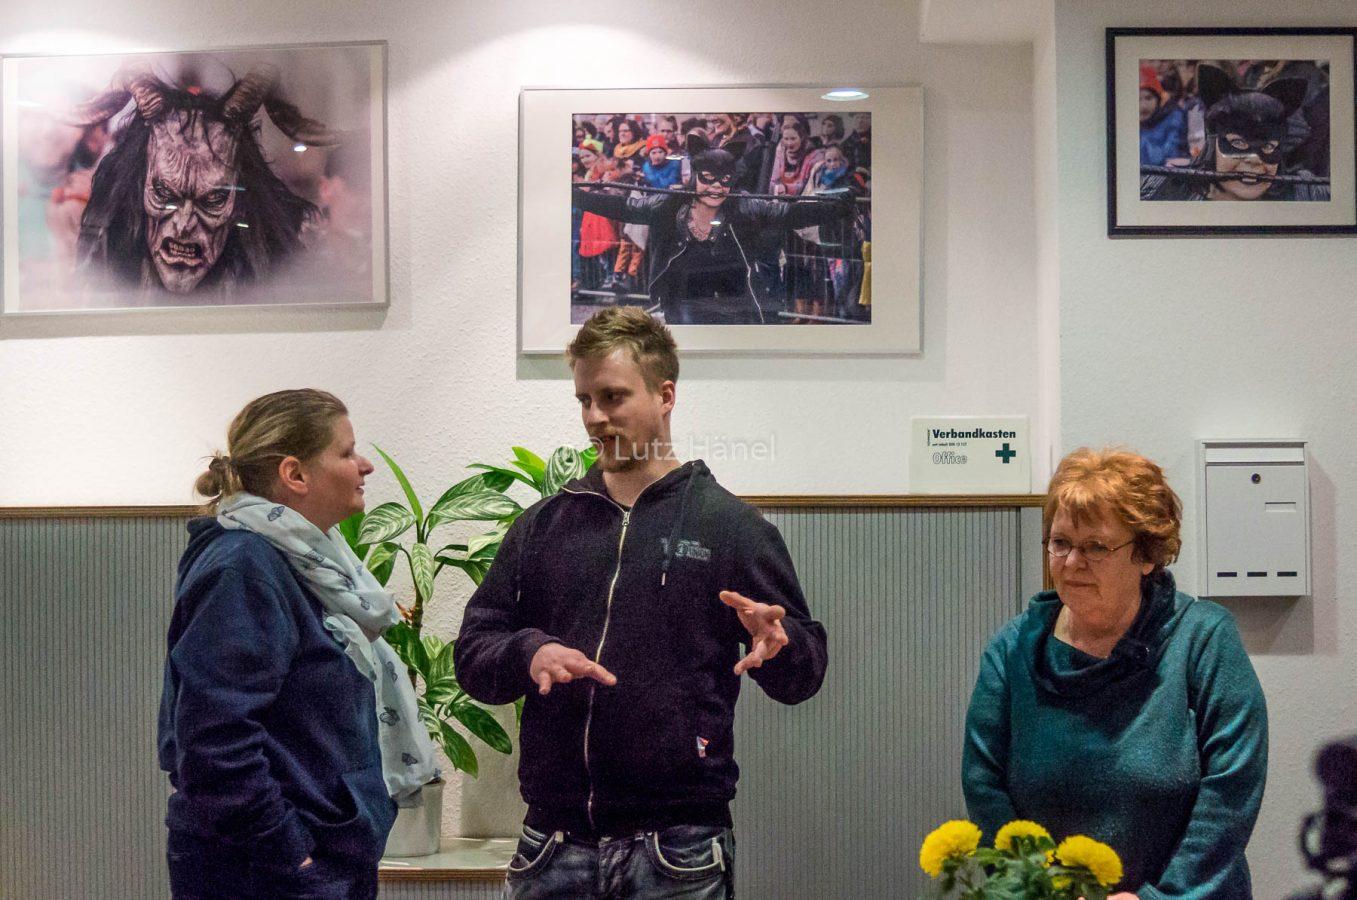 Meine erste eigenen Ausstellung Gäste im anregen Gespäch am Tag der Eröffnung der Ausstellung